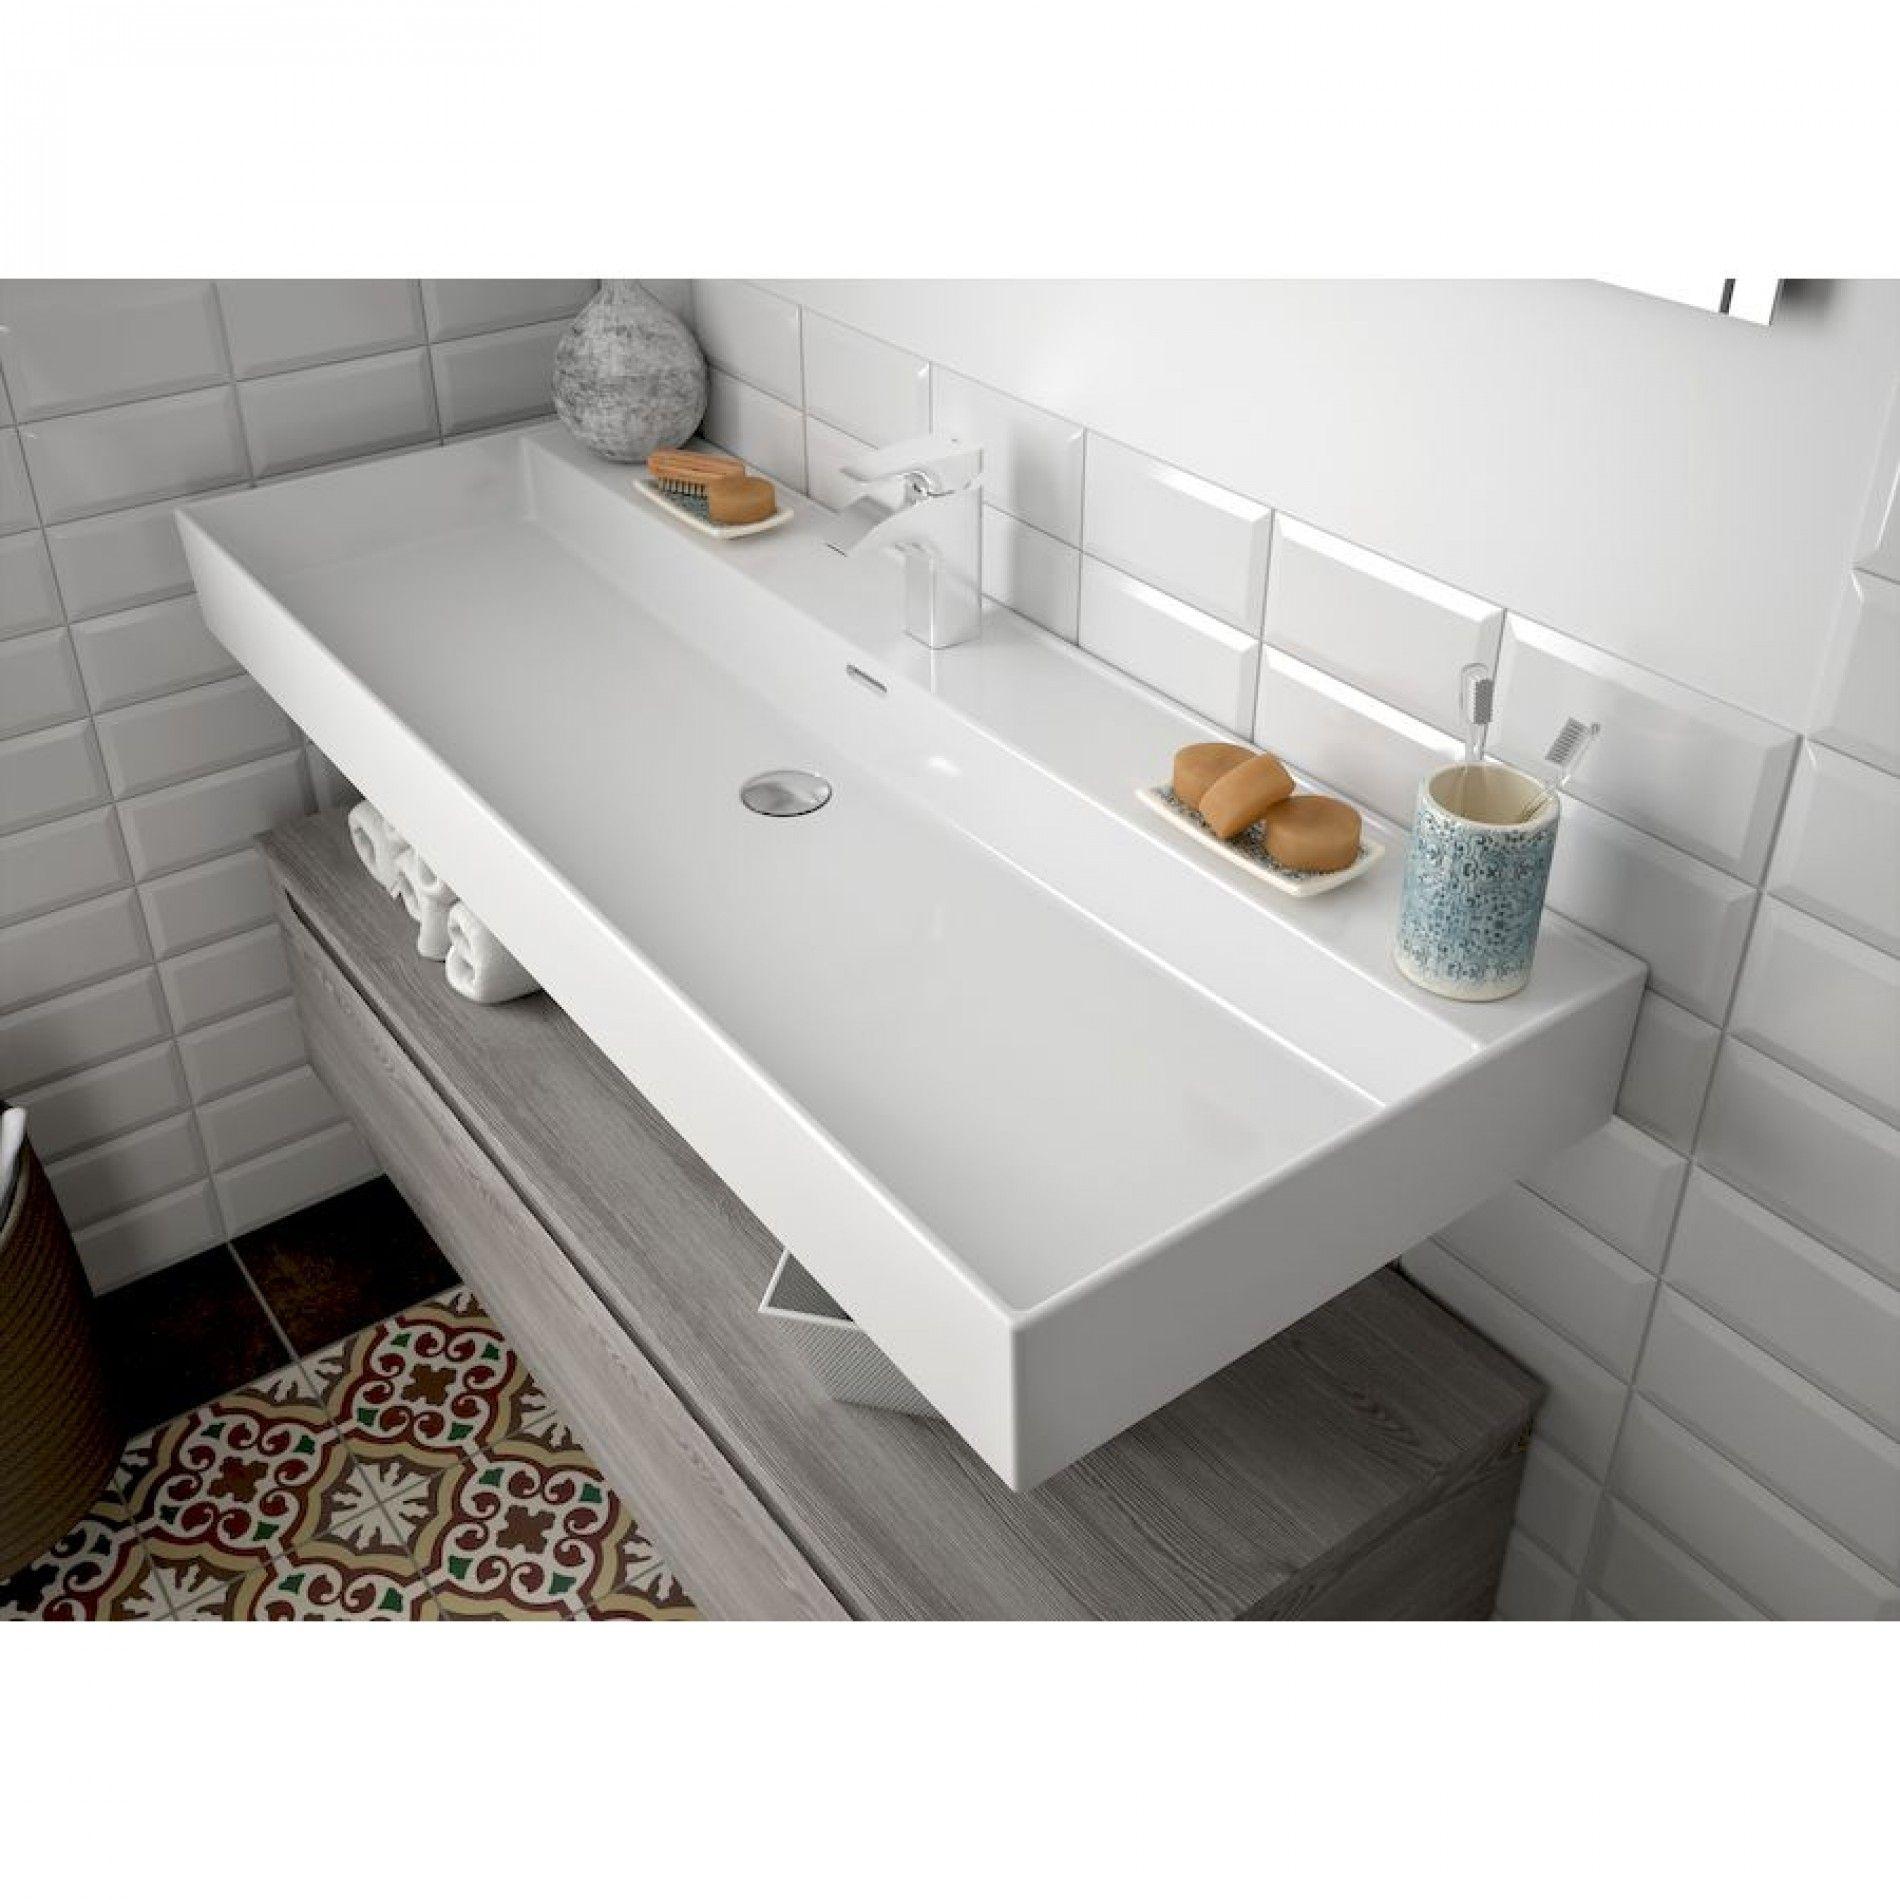 Muebles Veneto keramische wastafel 100x46cm met 1 kraangat wit